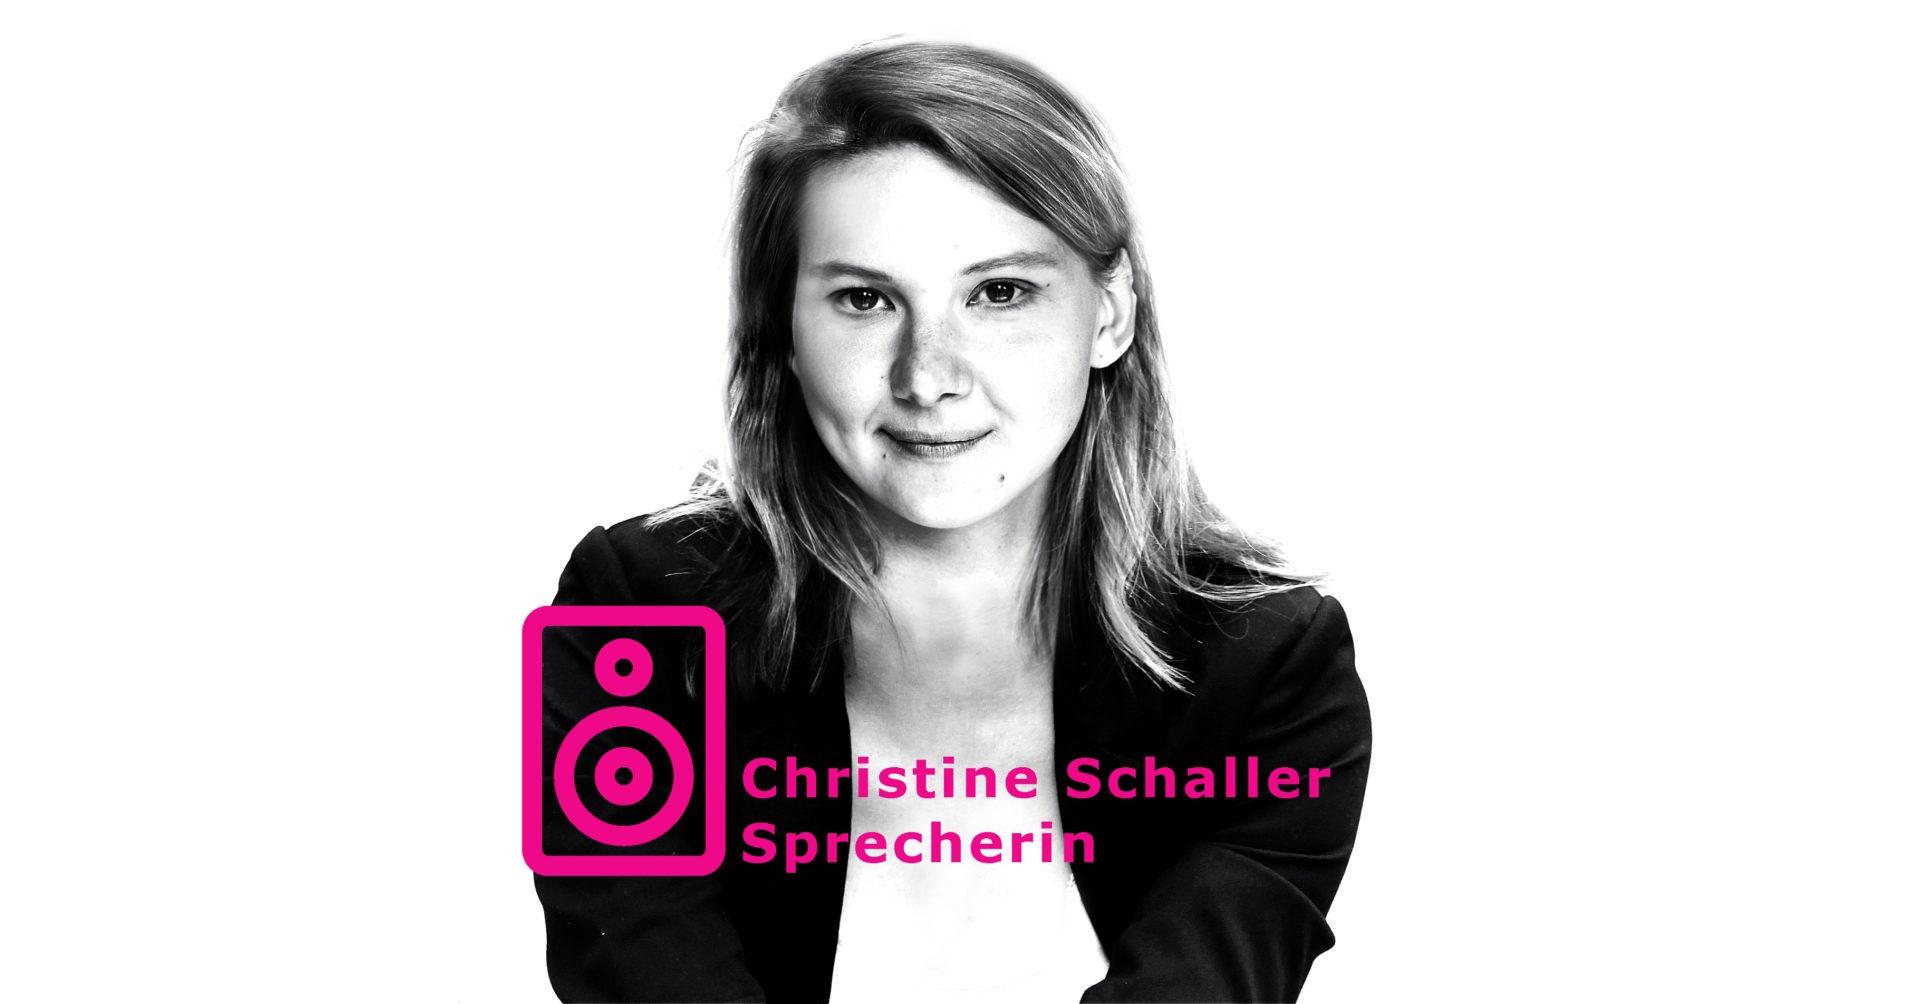 Christine Schaller Sprecherin